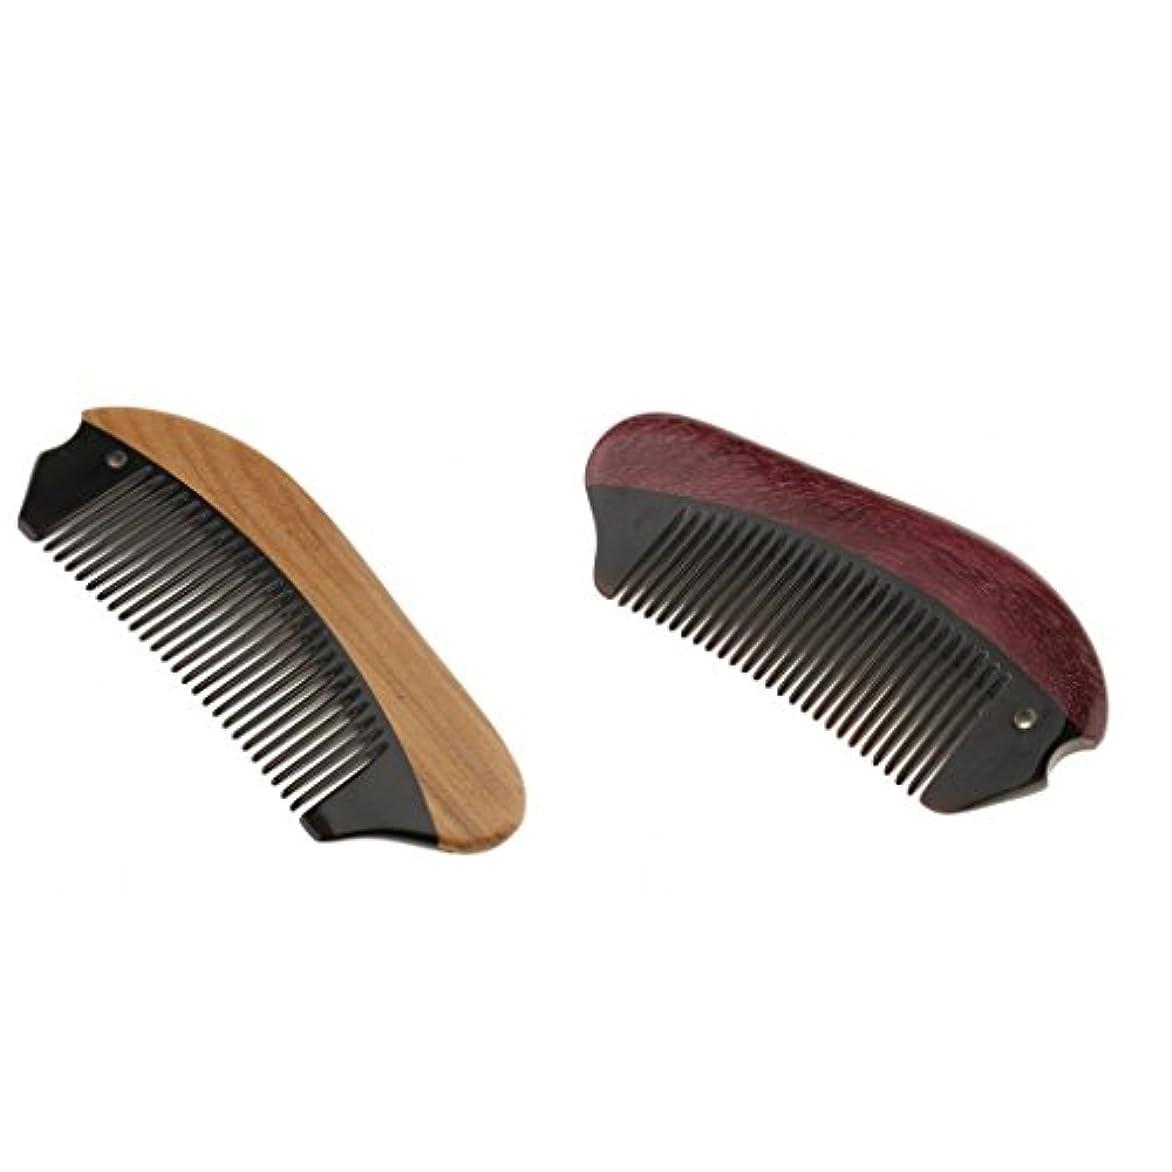 タクト港キャロラインCUTICATE 2本牛角木製細かい歯の非静的な頭皮マッサージポケットくし